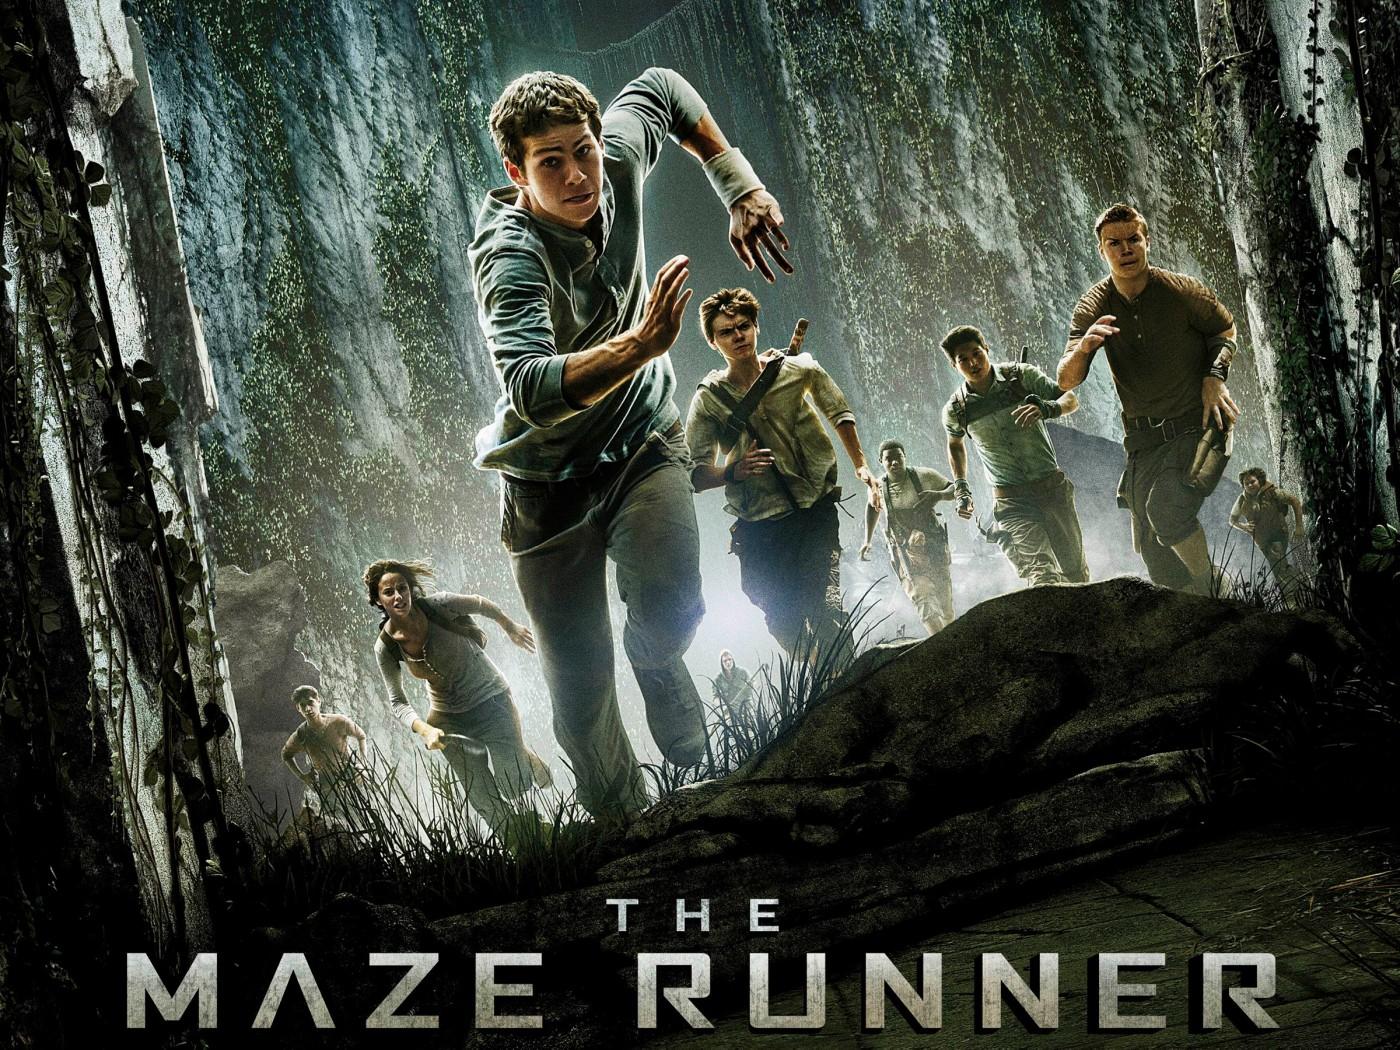 The-Maze-Runner-2014-Poster-Wallpaper-1400x10501